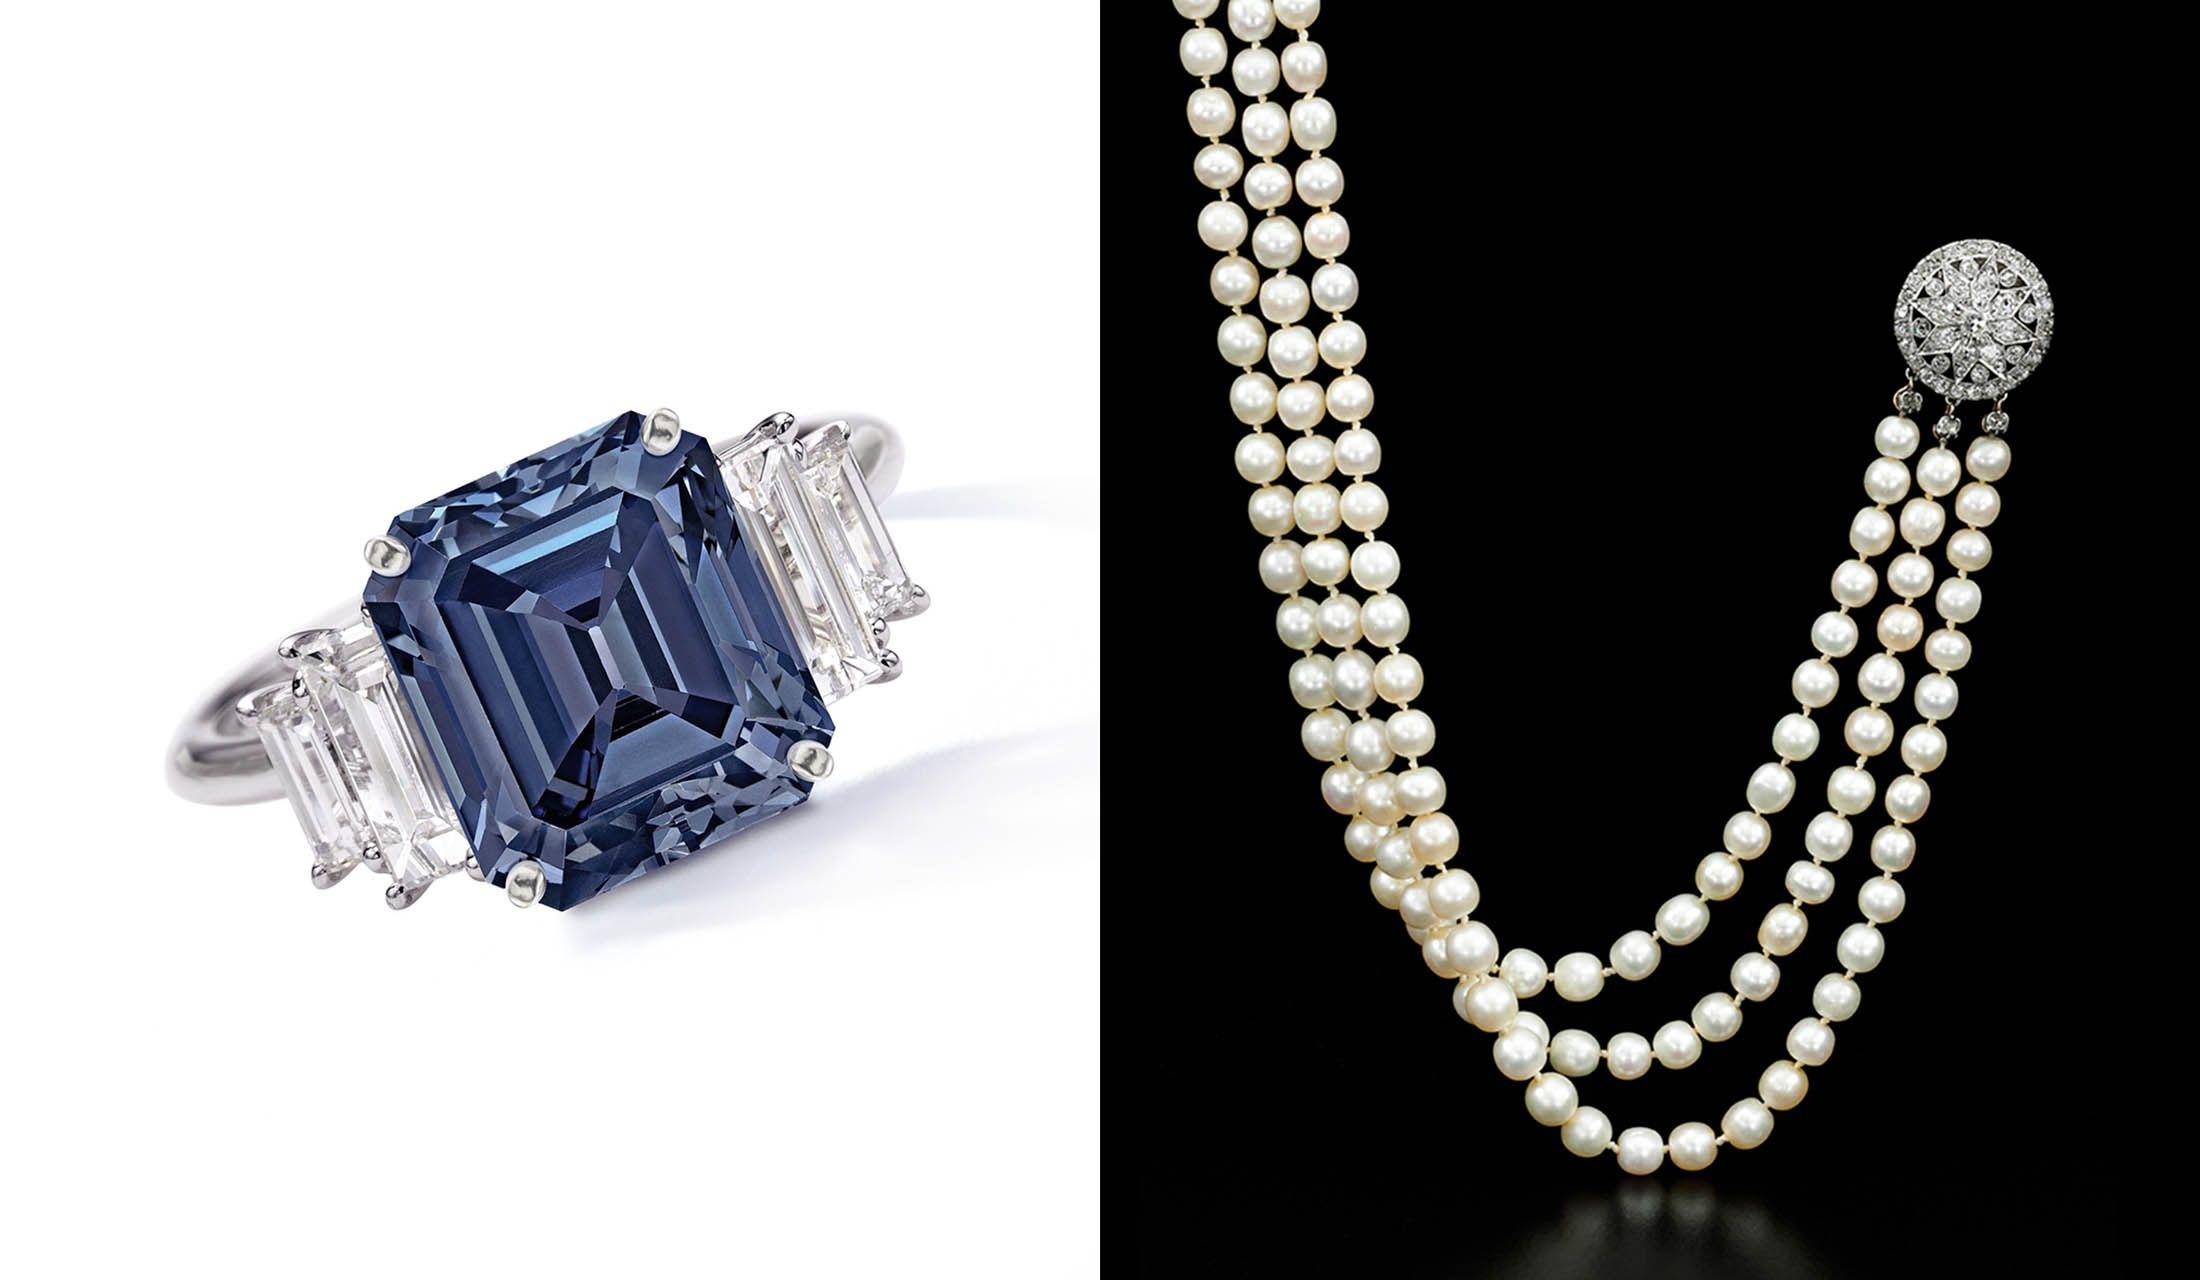 5カラットのファンシー・ビビッド・ブルーダイヤモンドと199粒の天然真珠ネックレスの写真